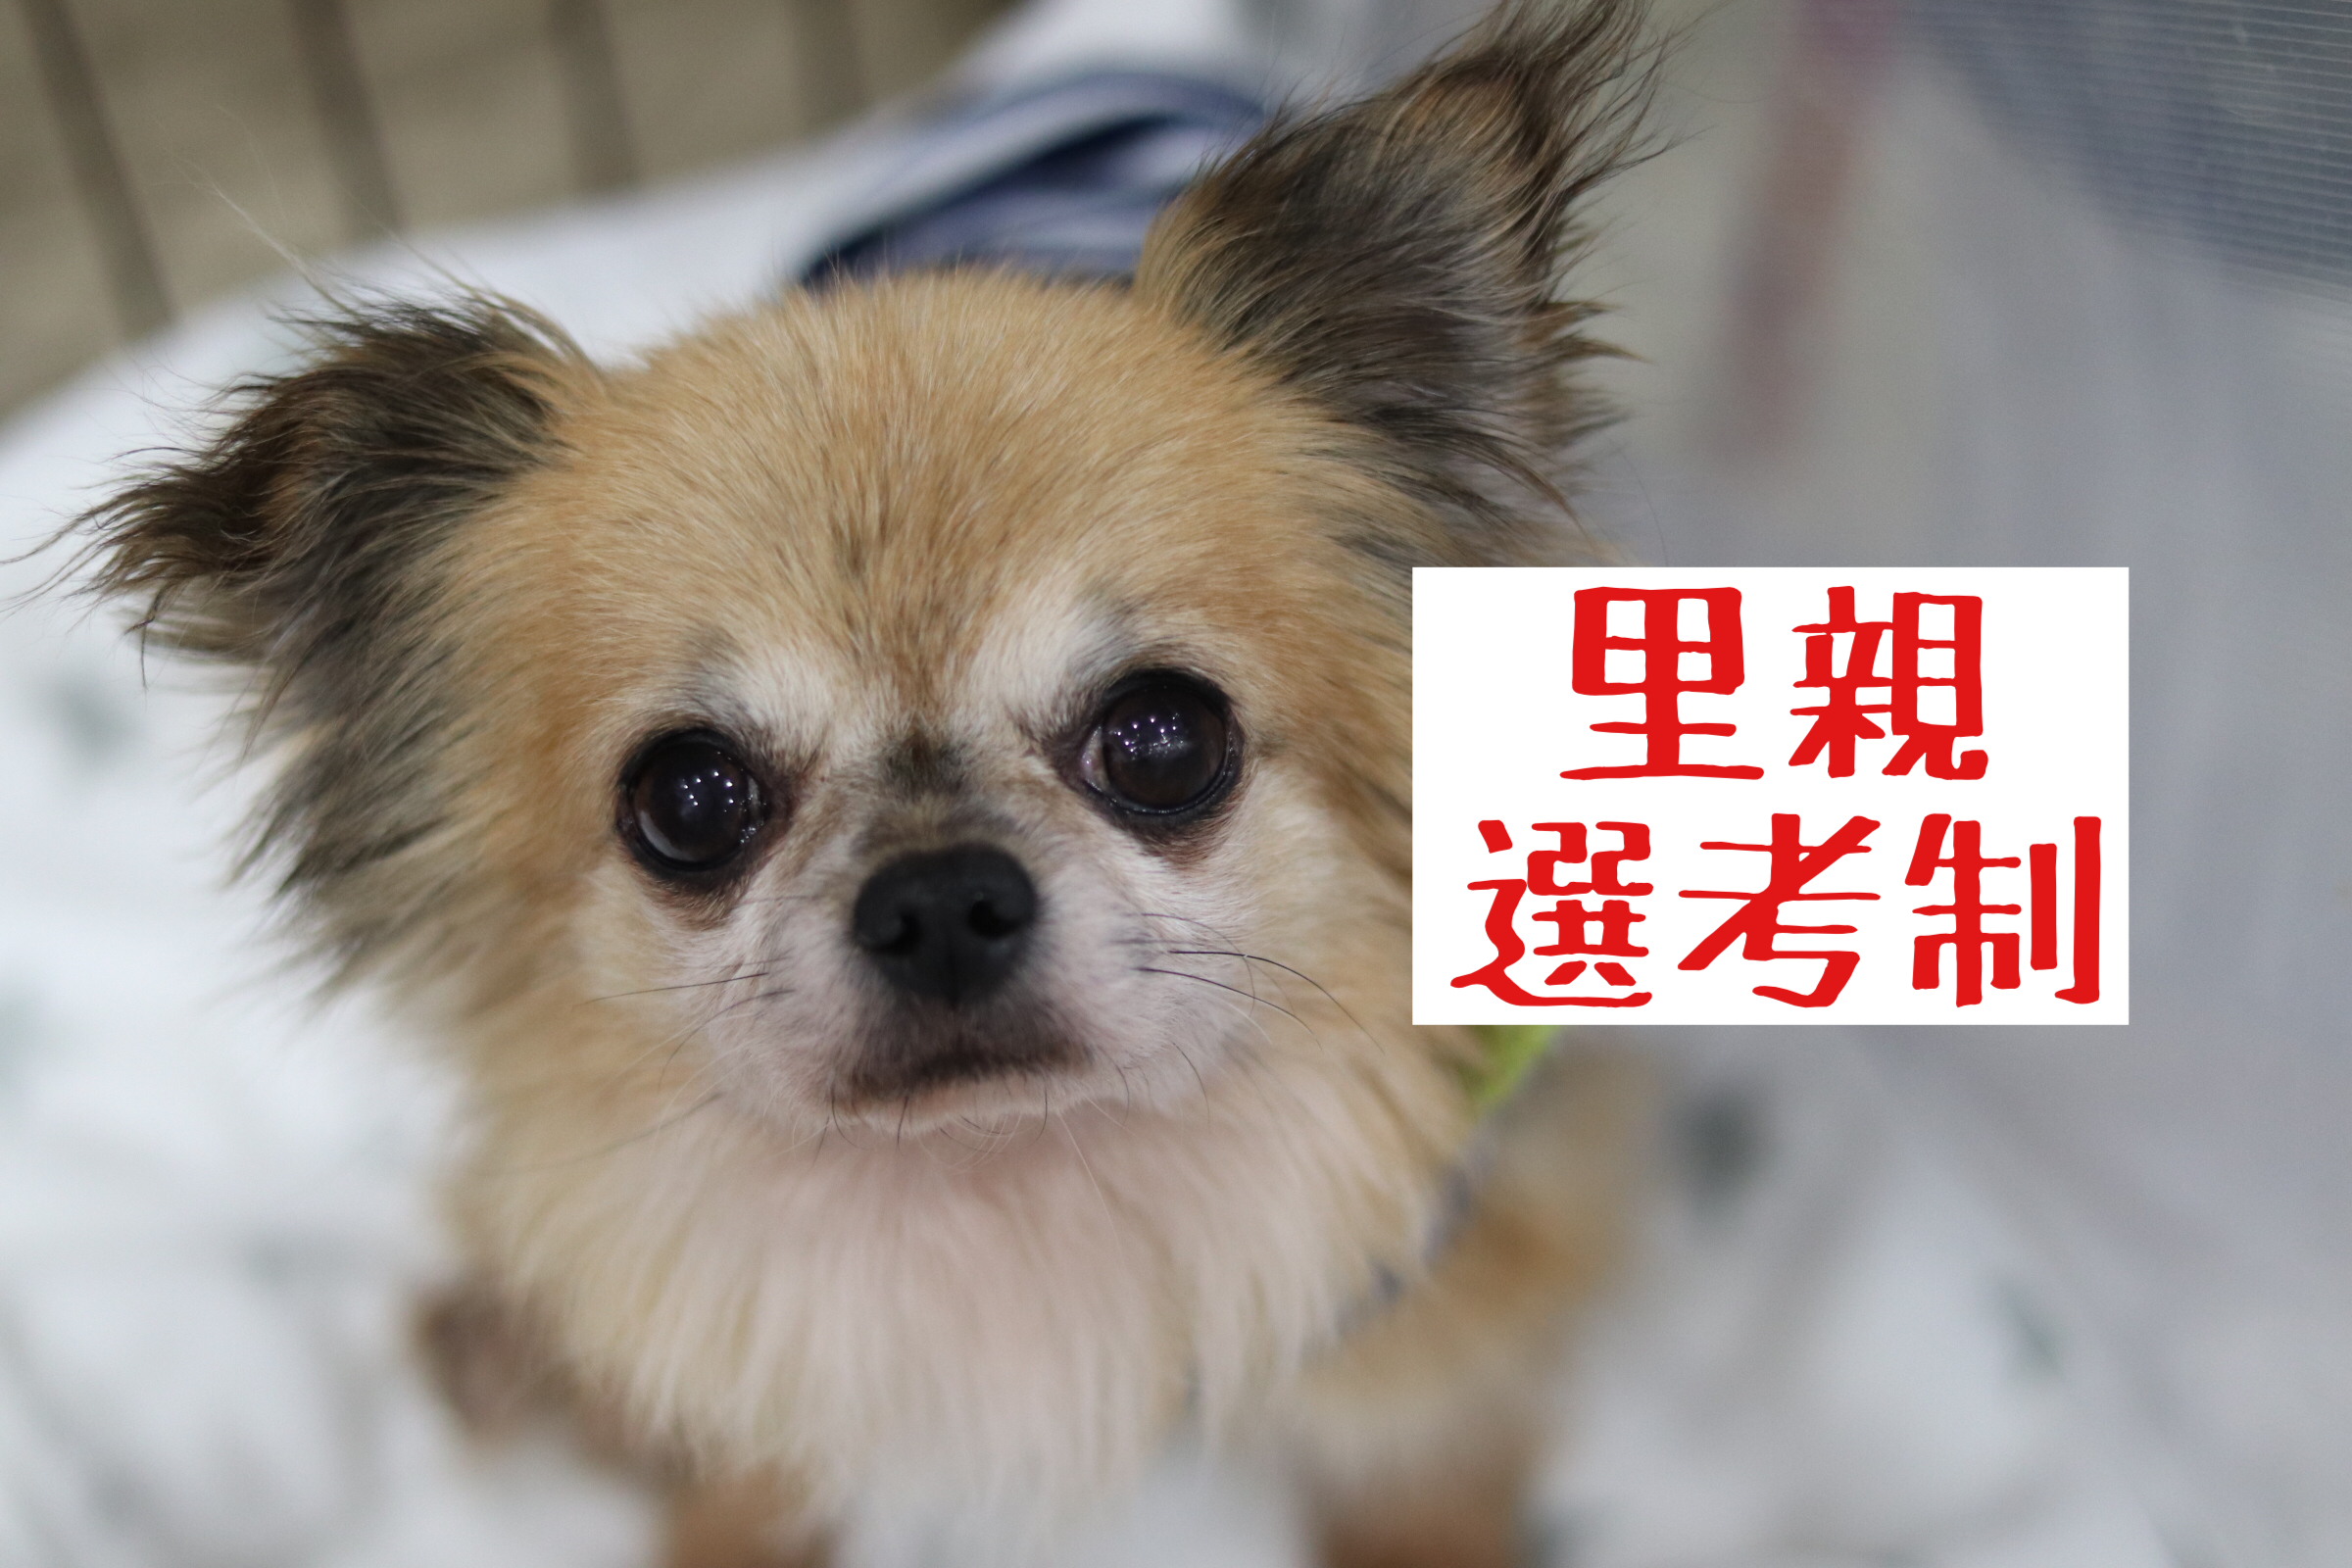 <ul> <li>犬種:チワワ×ポメラニアンMIX</li> <li>性別:男の子</li> <li>名前:ロミオ</li> <li>年齢:2012年生まれ</li> <li>保護経緯:転勤のため飼育困難</li> </ul>